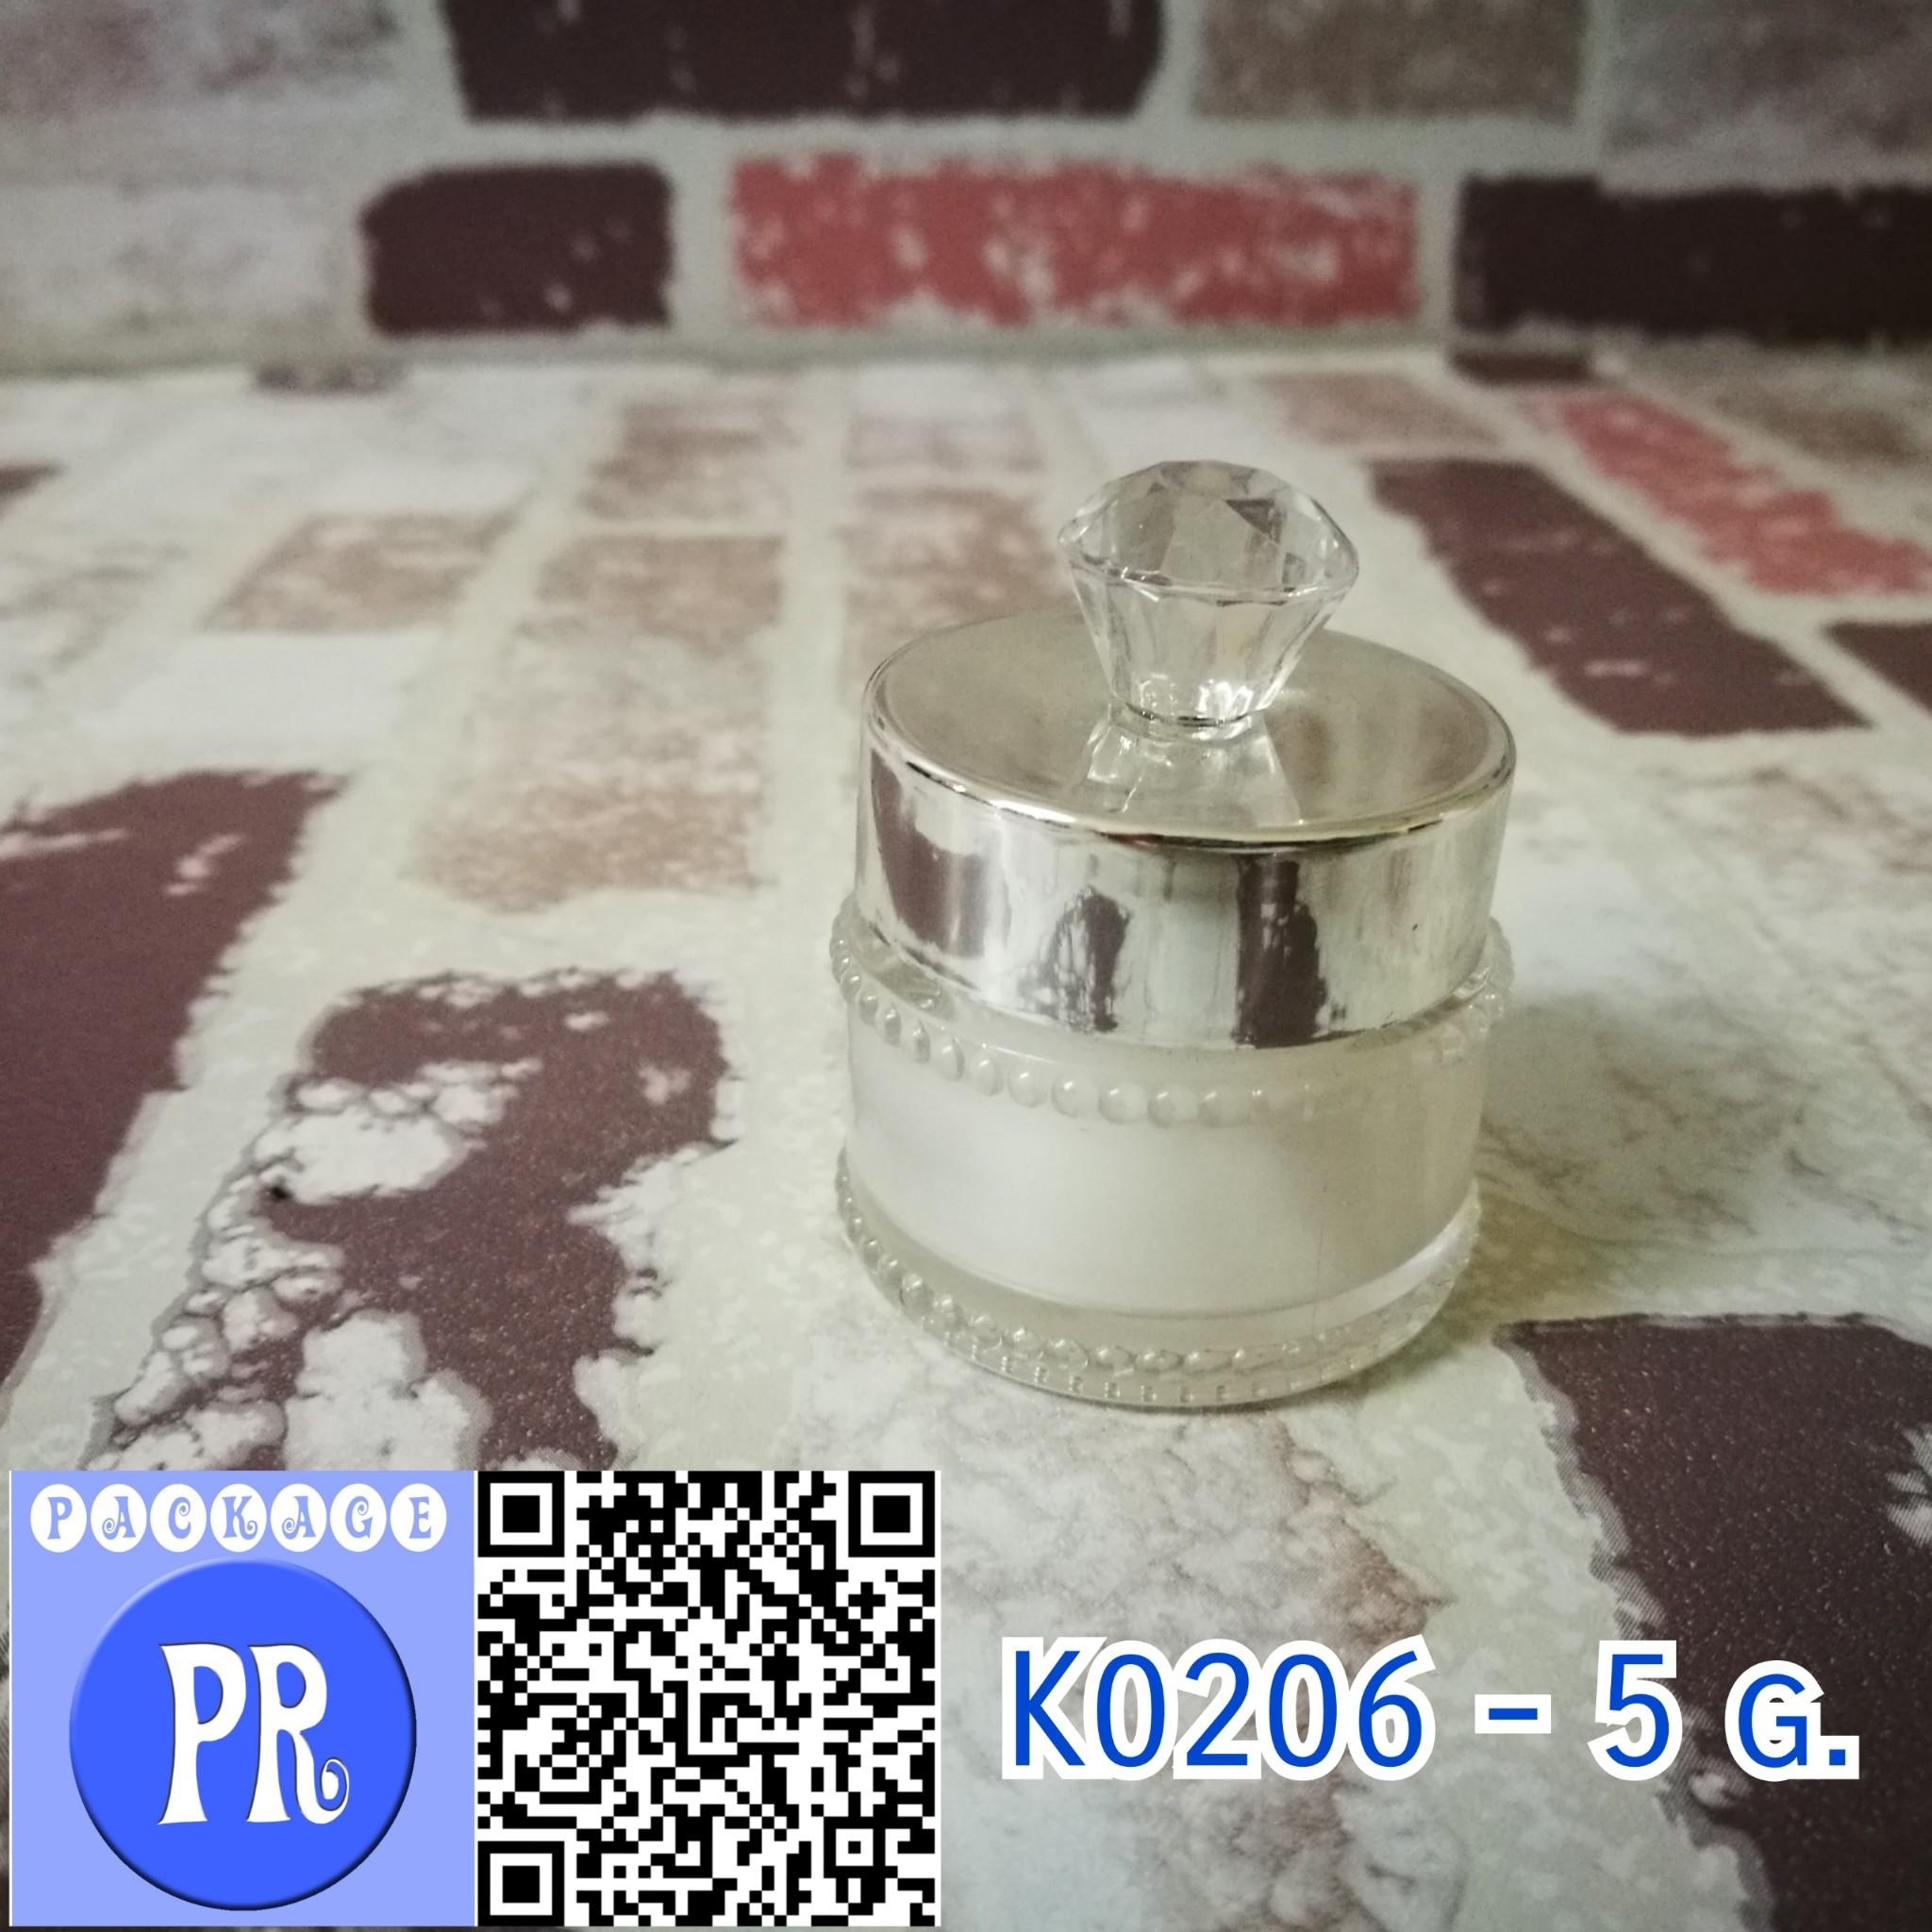 k0206-05 g